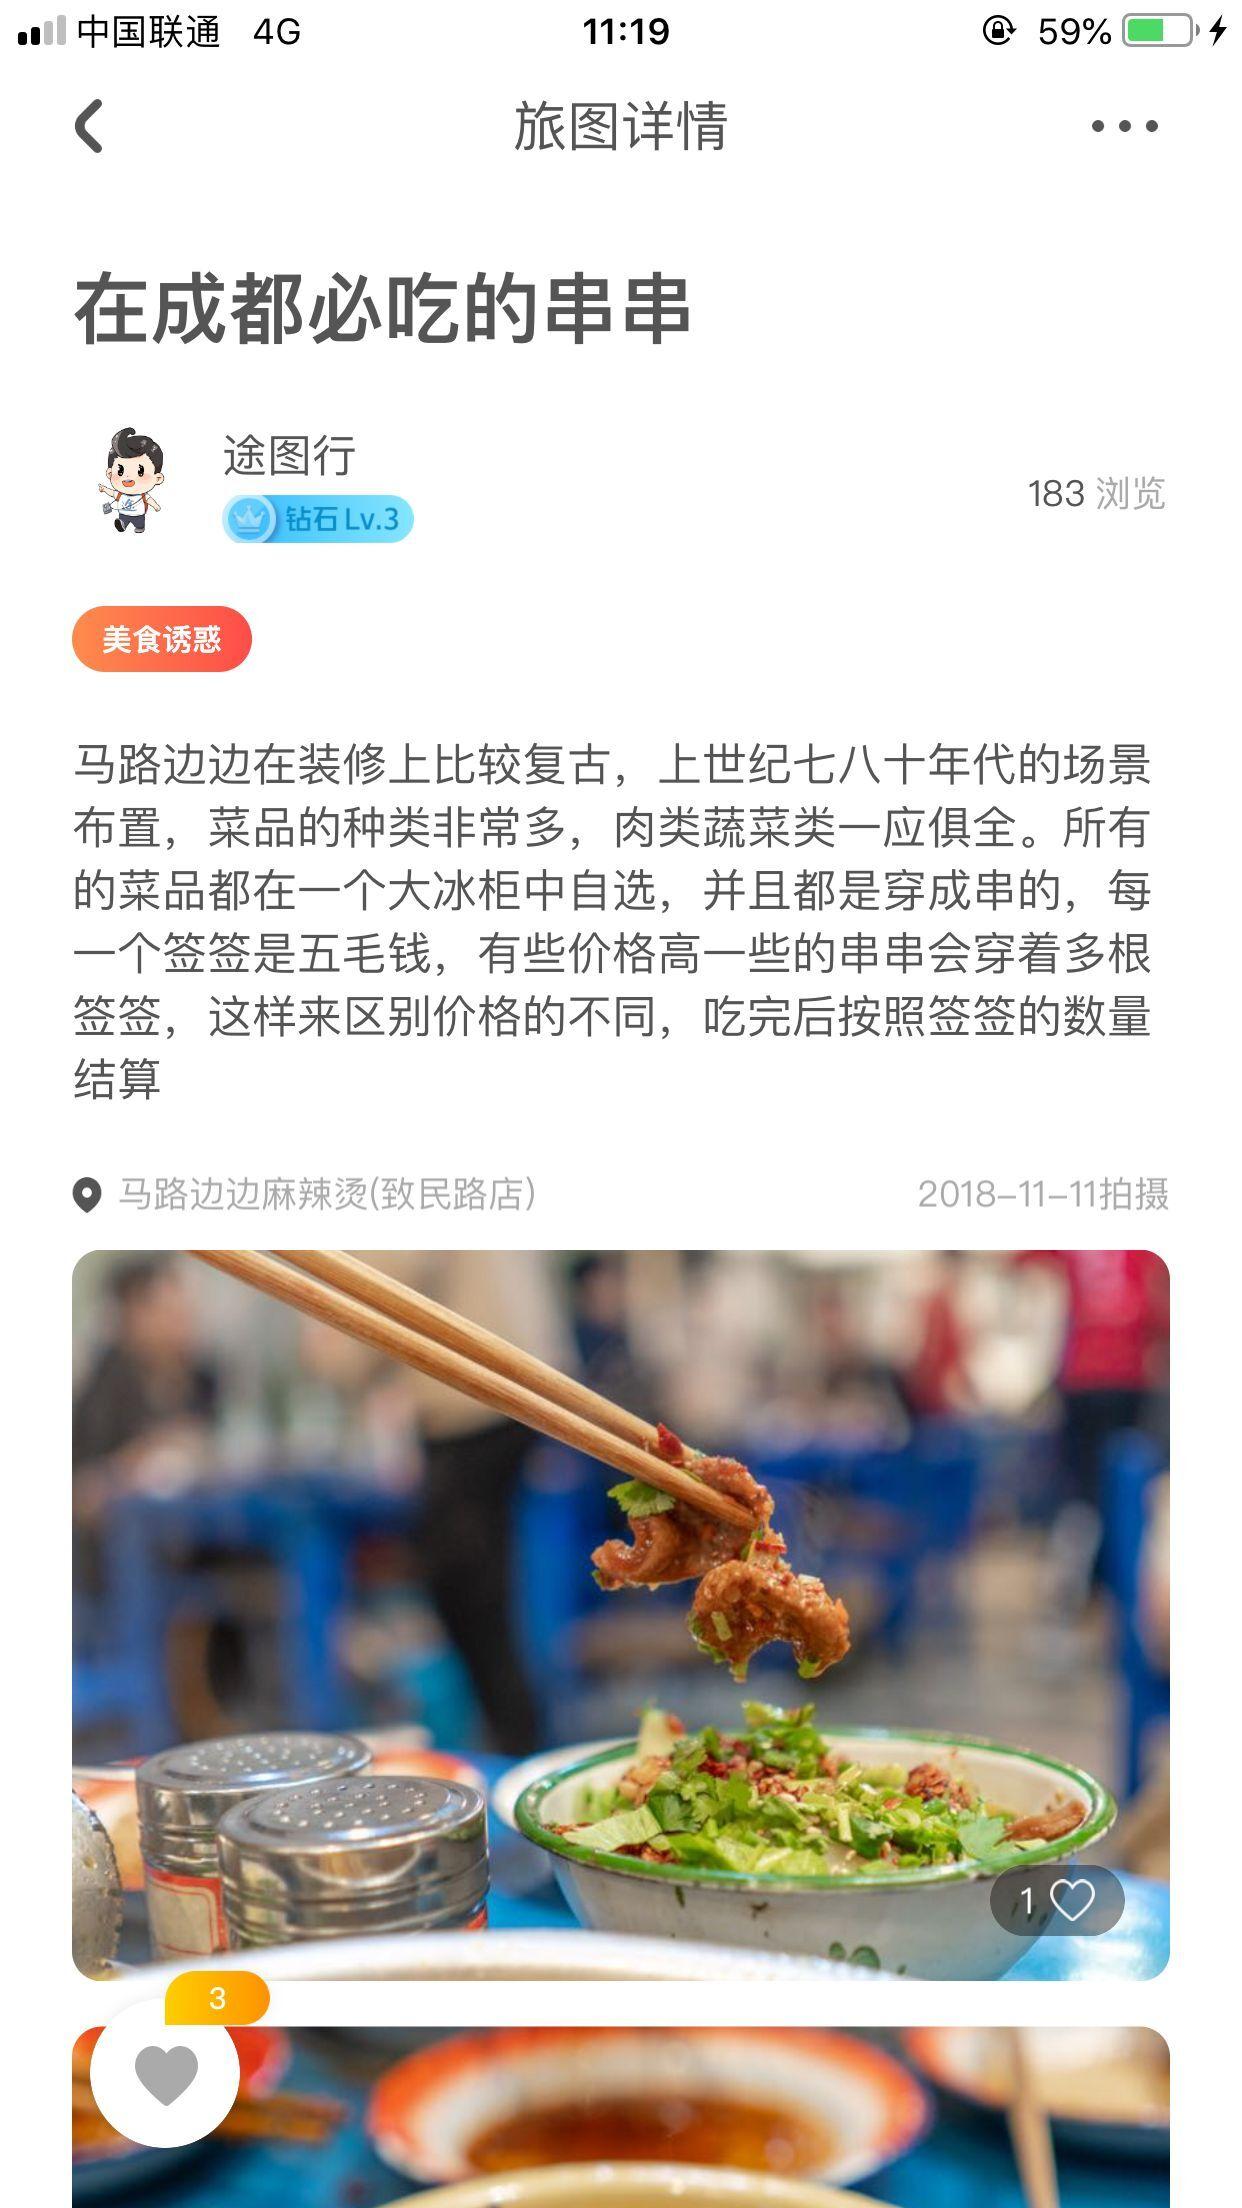 4 仿花筑旅行app酒店民宿微信小程序 客家雅居酒店民宿系统上线